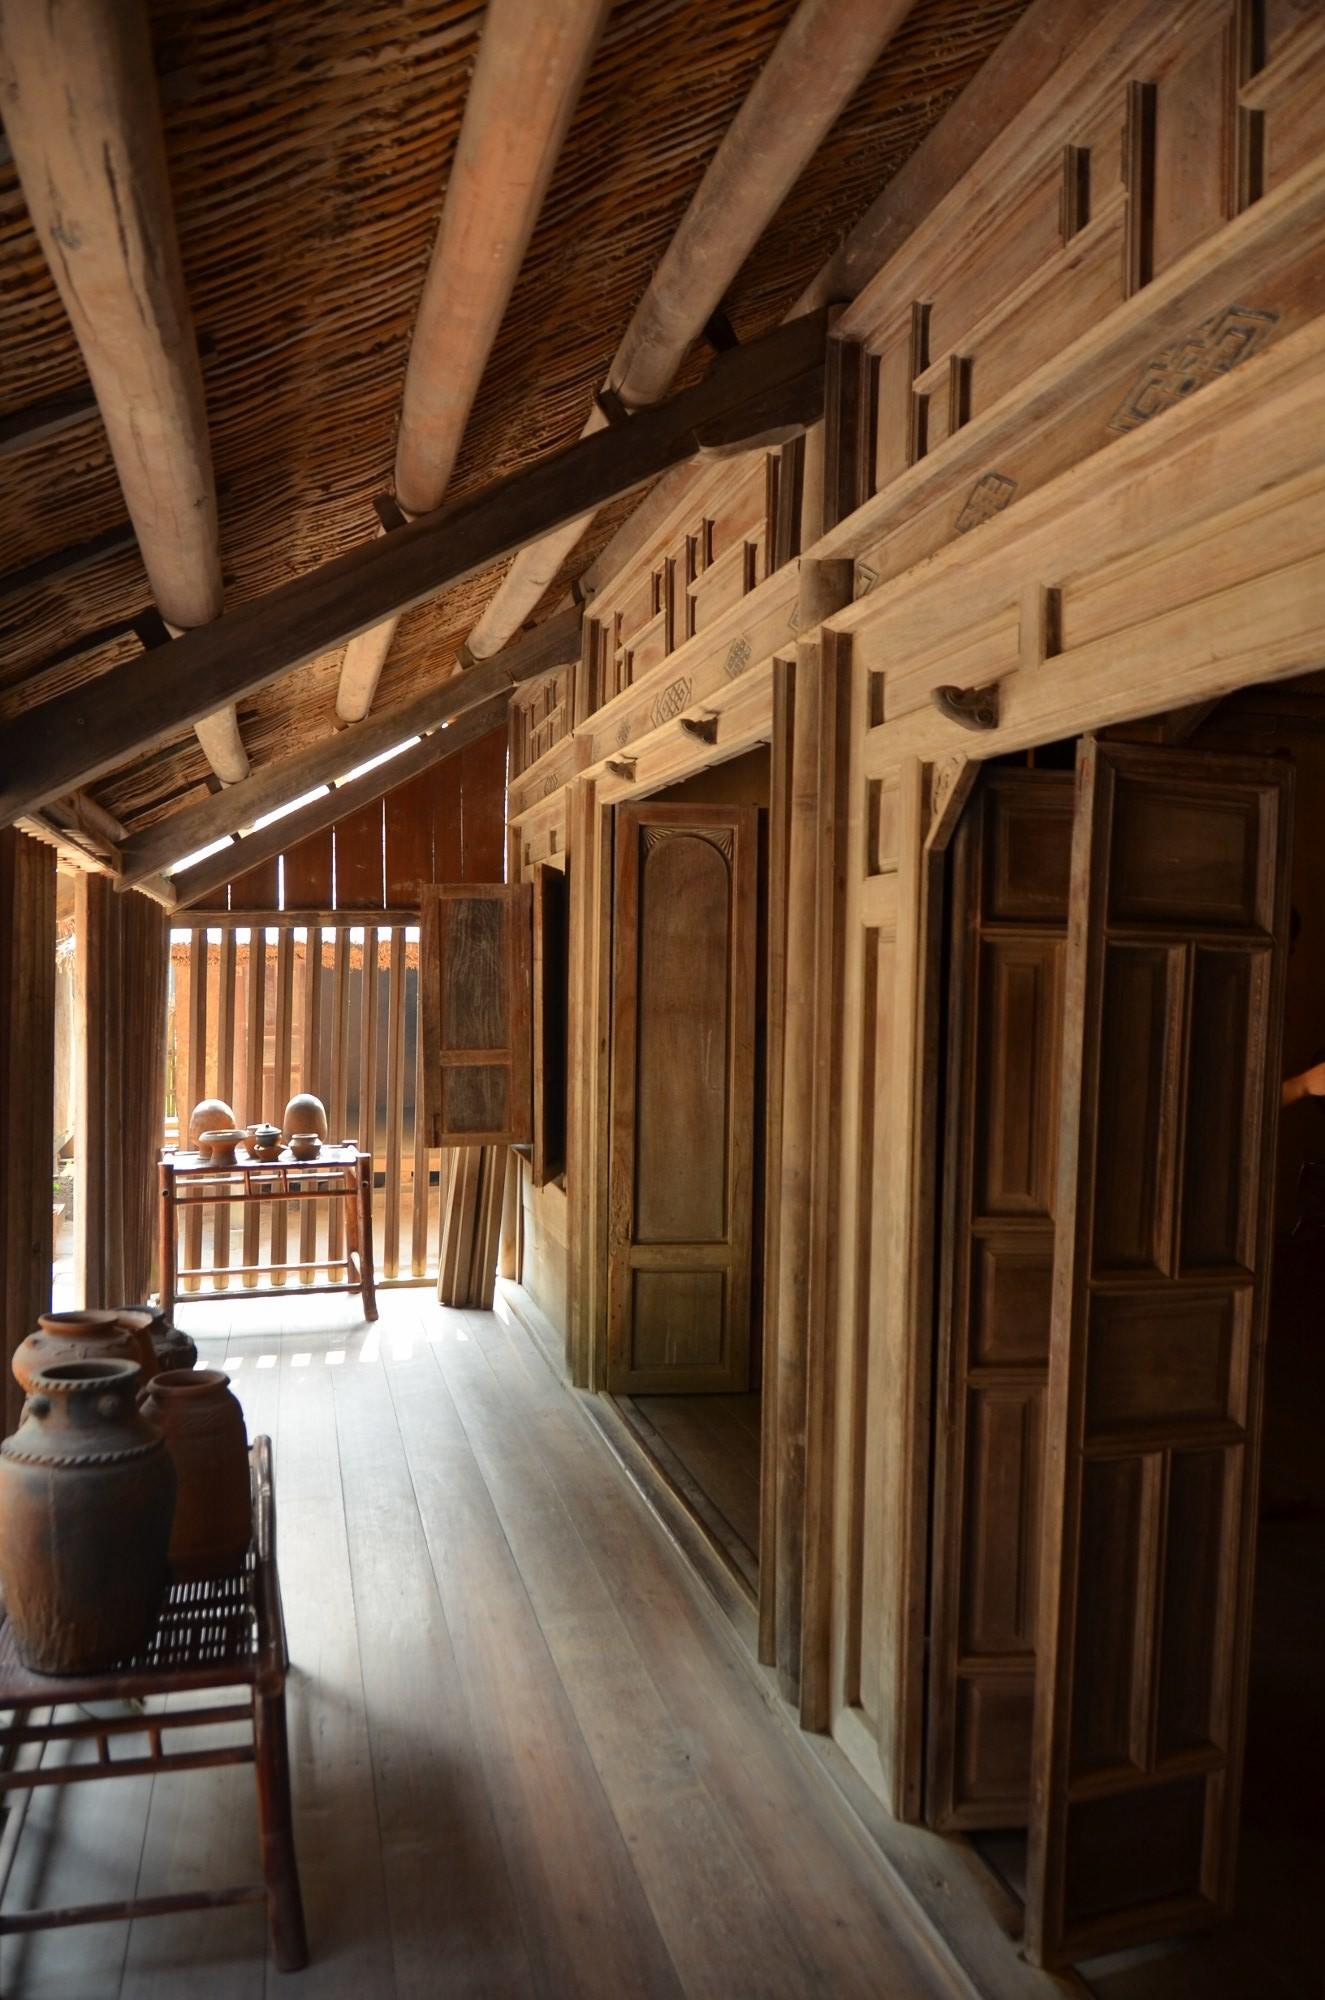 casa madeira etnia cham museu etnografia etnologia hanoi vietnam